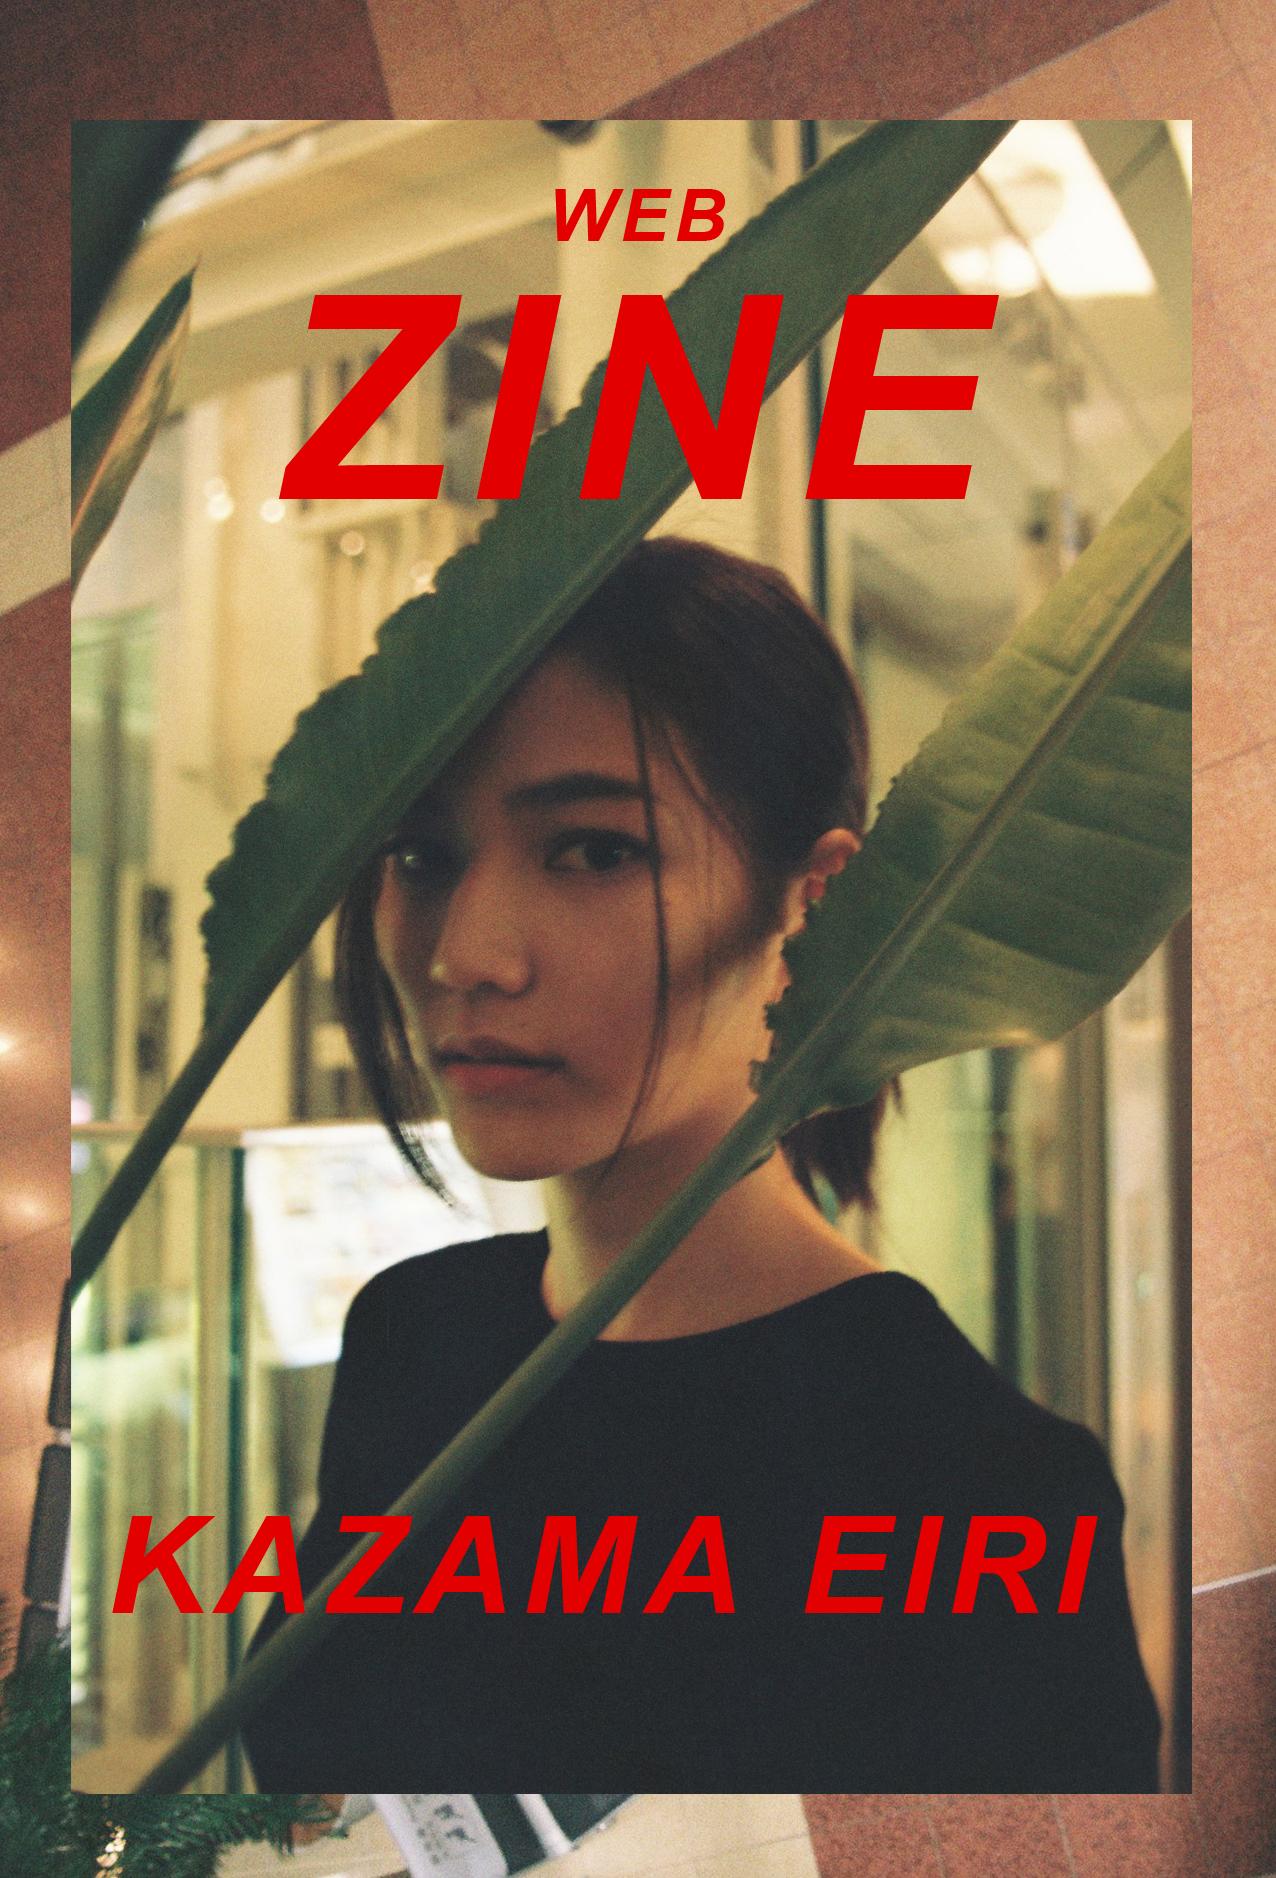 フィルムカメラで撮影!モデルの風間エイリちゃんx話題のPIZZA でZINEを作りました!